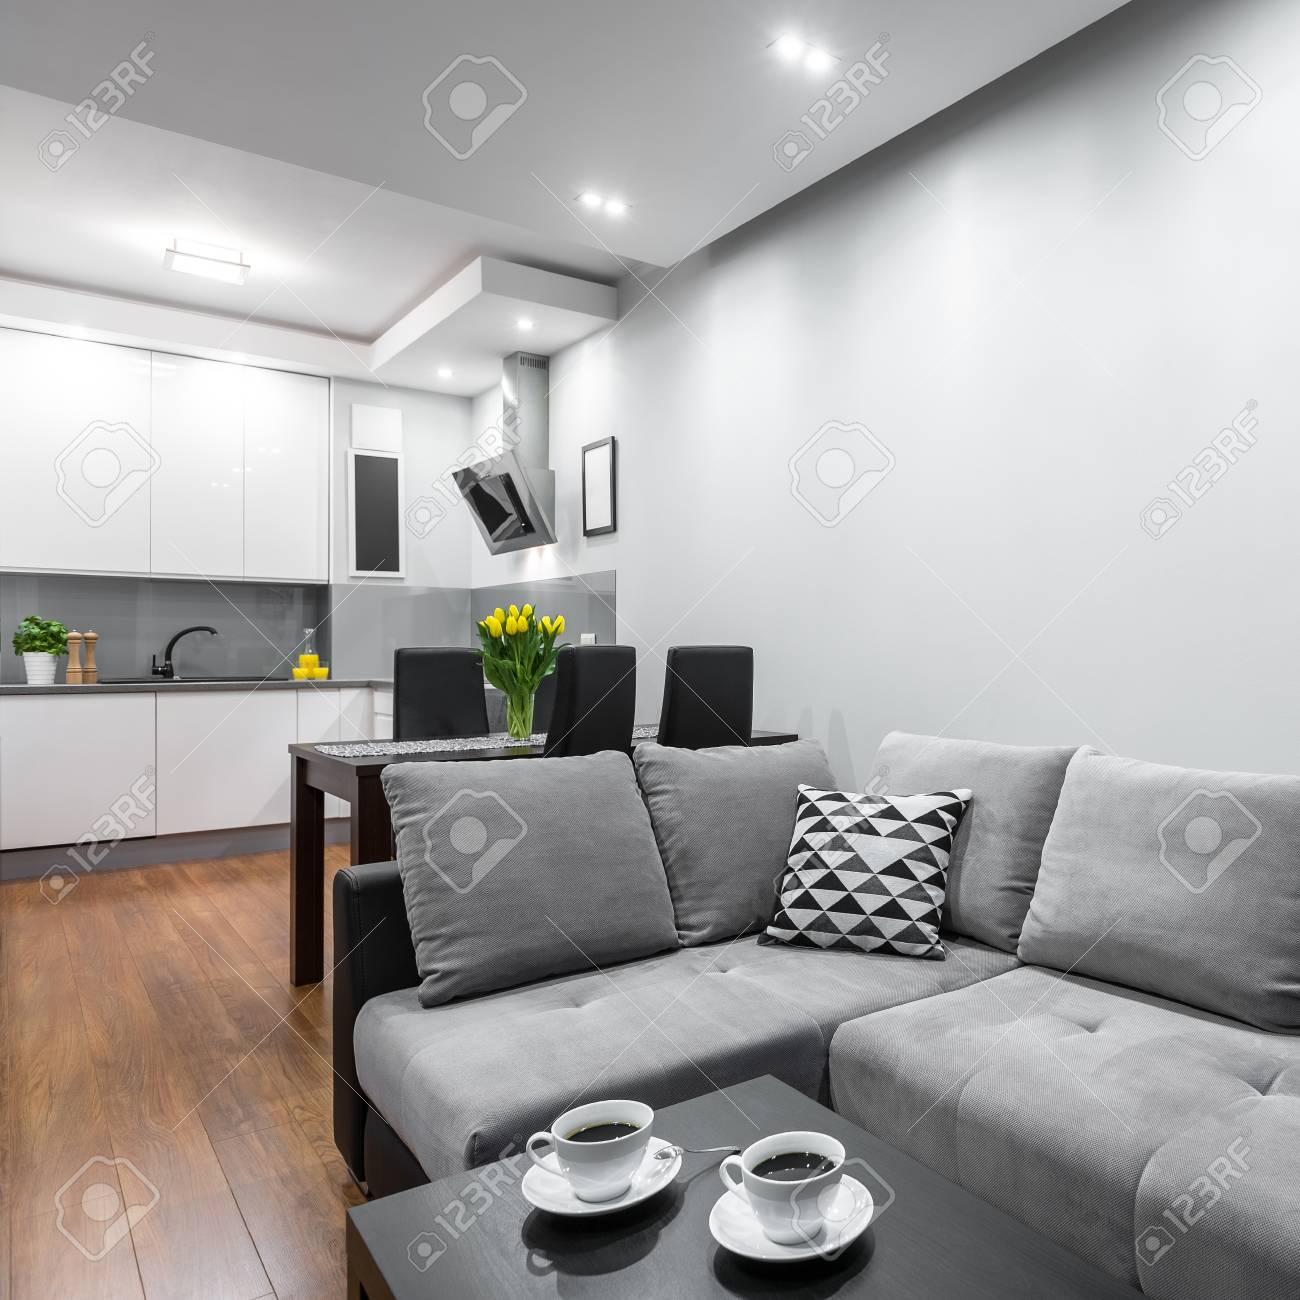 Maison Moderne Avec Un Canapé, Une Table Basse, Salle à Manger ...